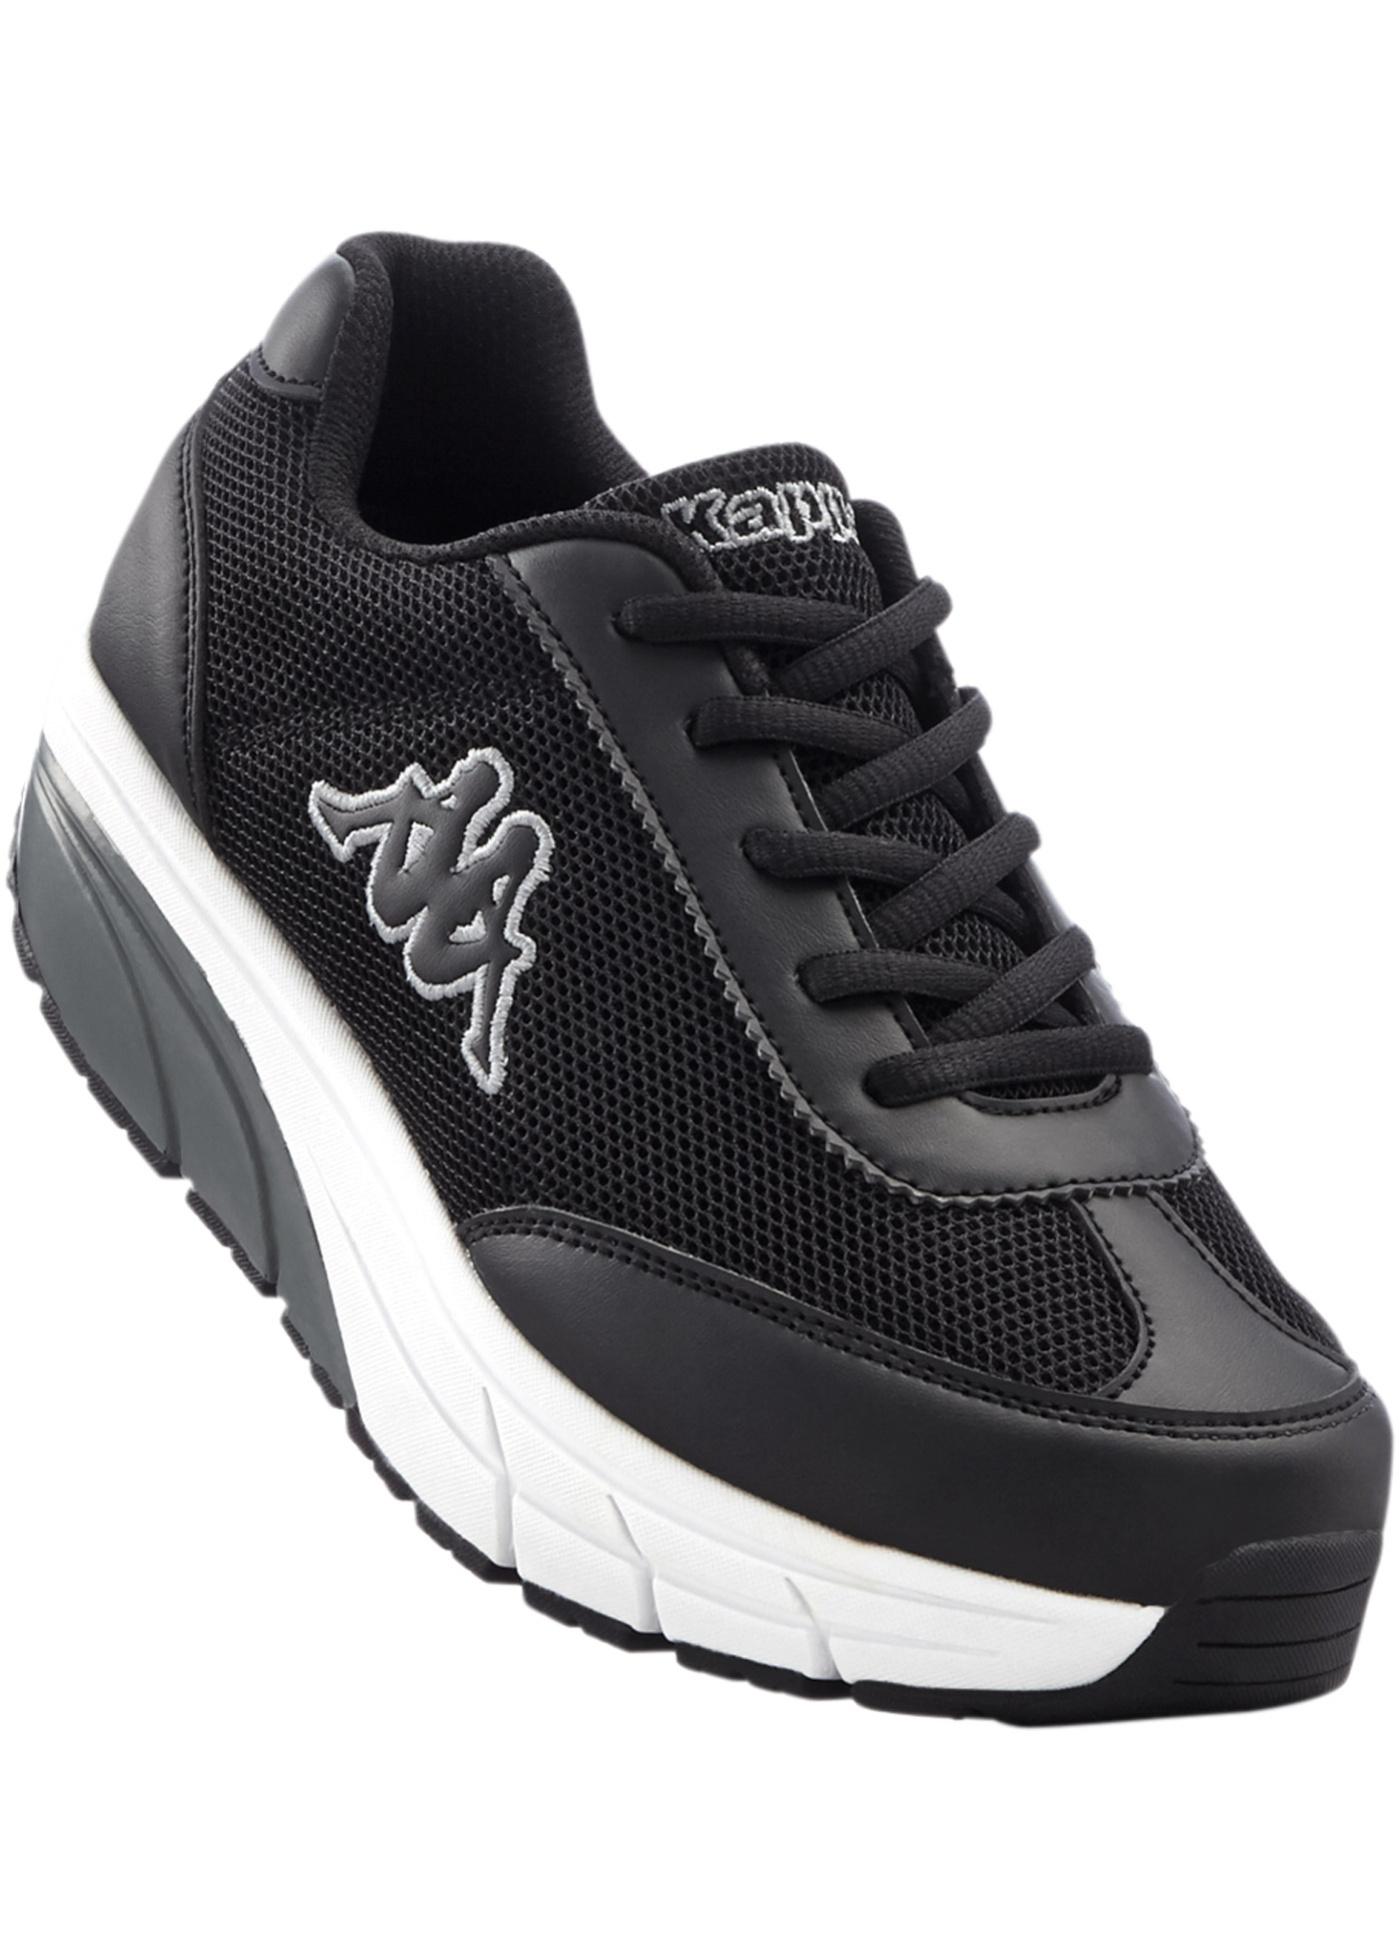 Chaussures de sport Kappa